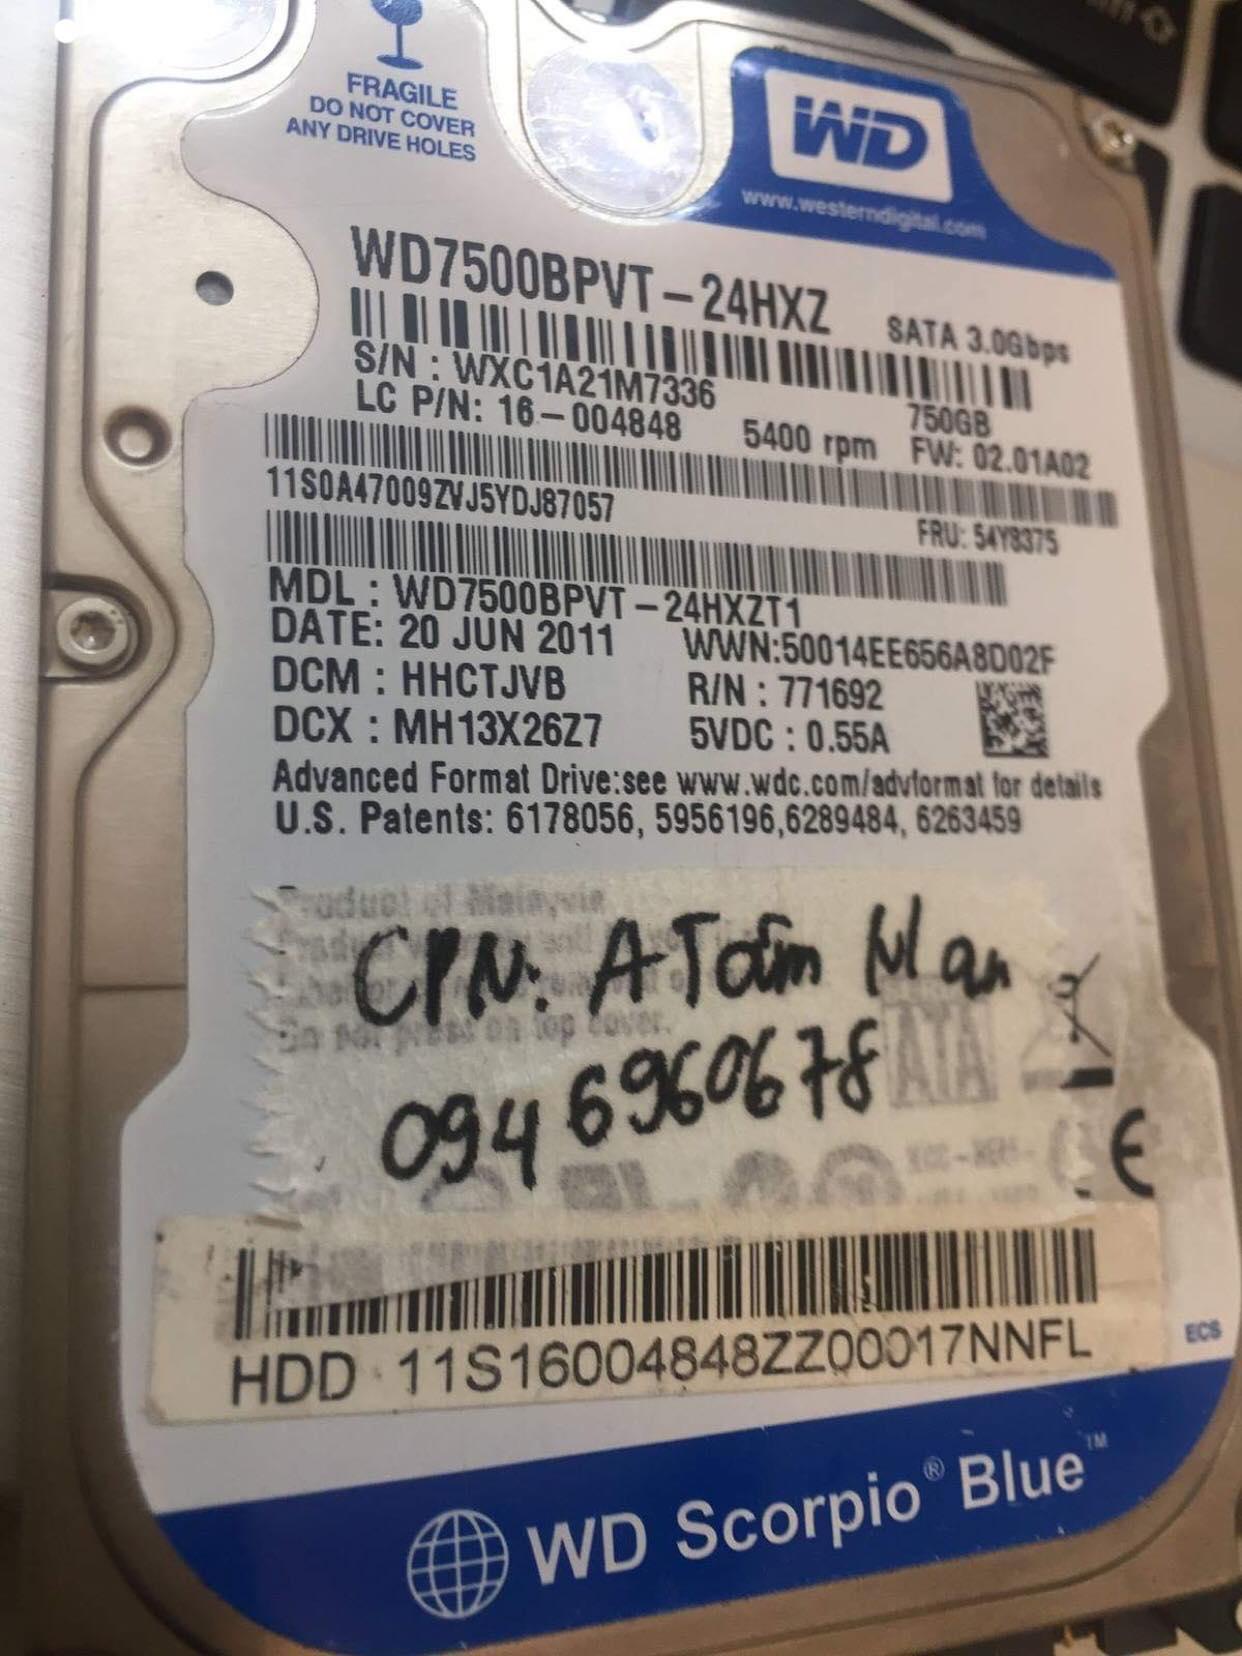 Cứu dữ liệu ổ cứng Western 750GB không nhận tại Nghệ An 10/04/2019 - cuumaytinh